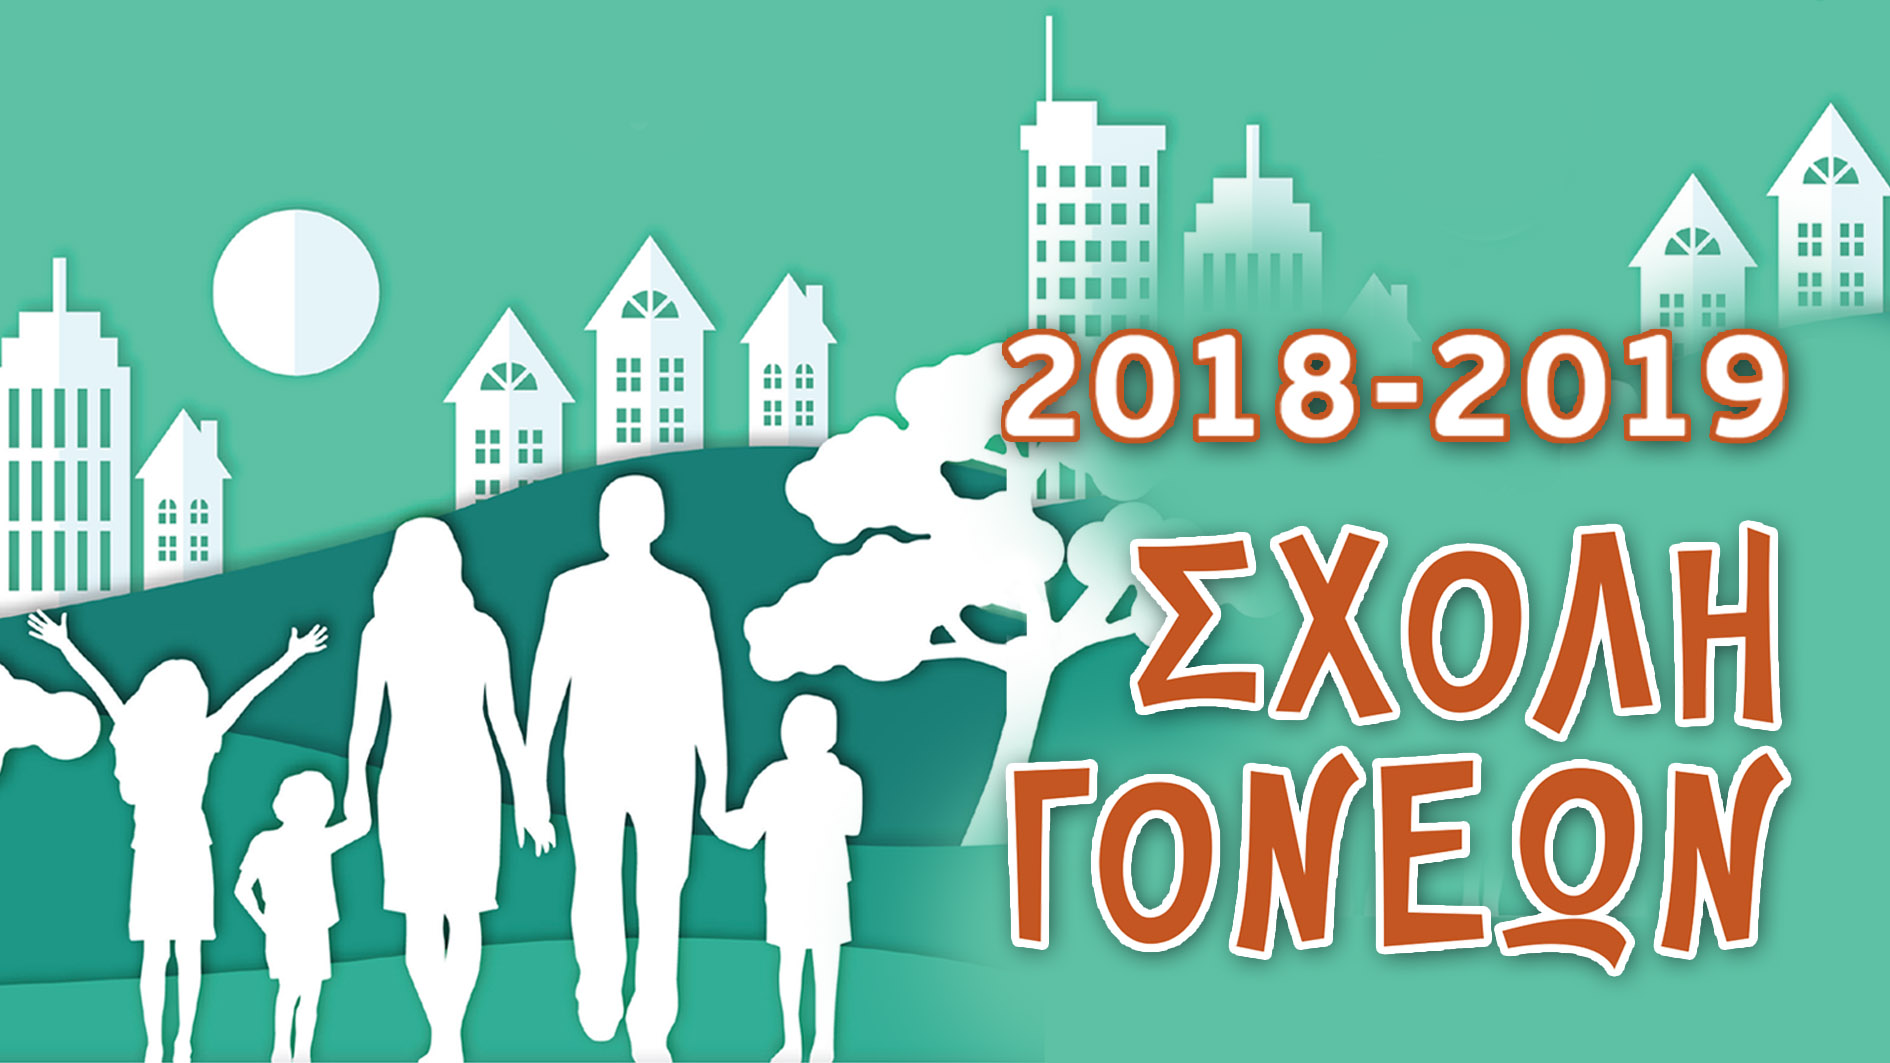 Σχολή Γονέων 2018 - 2019